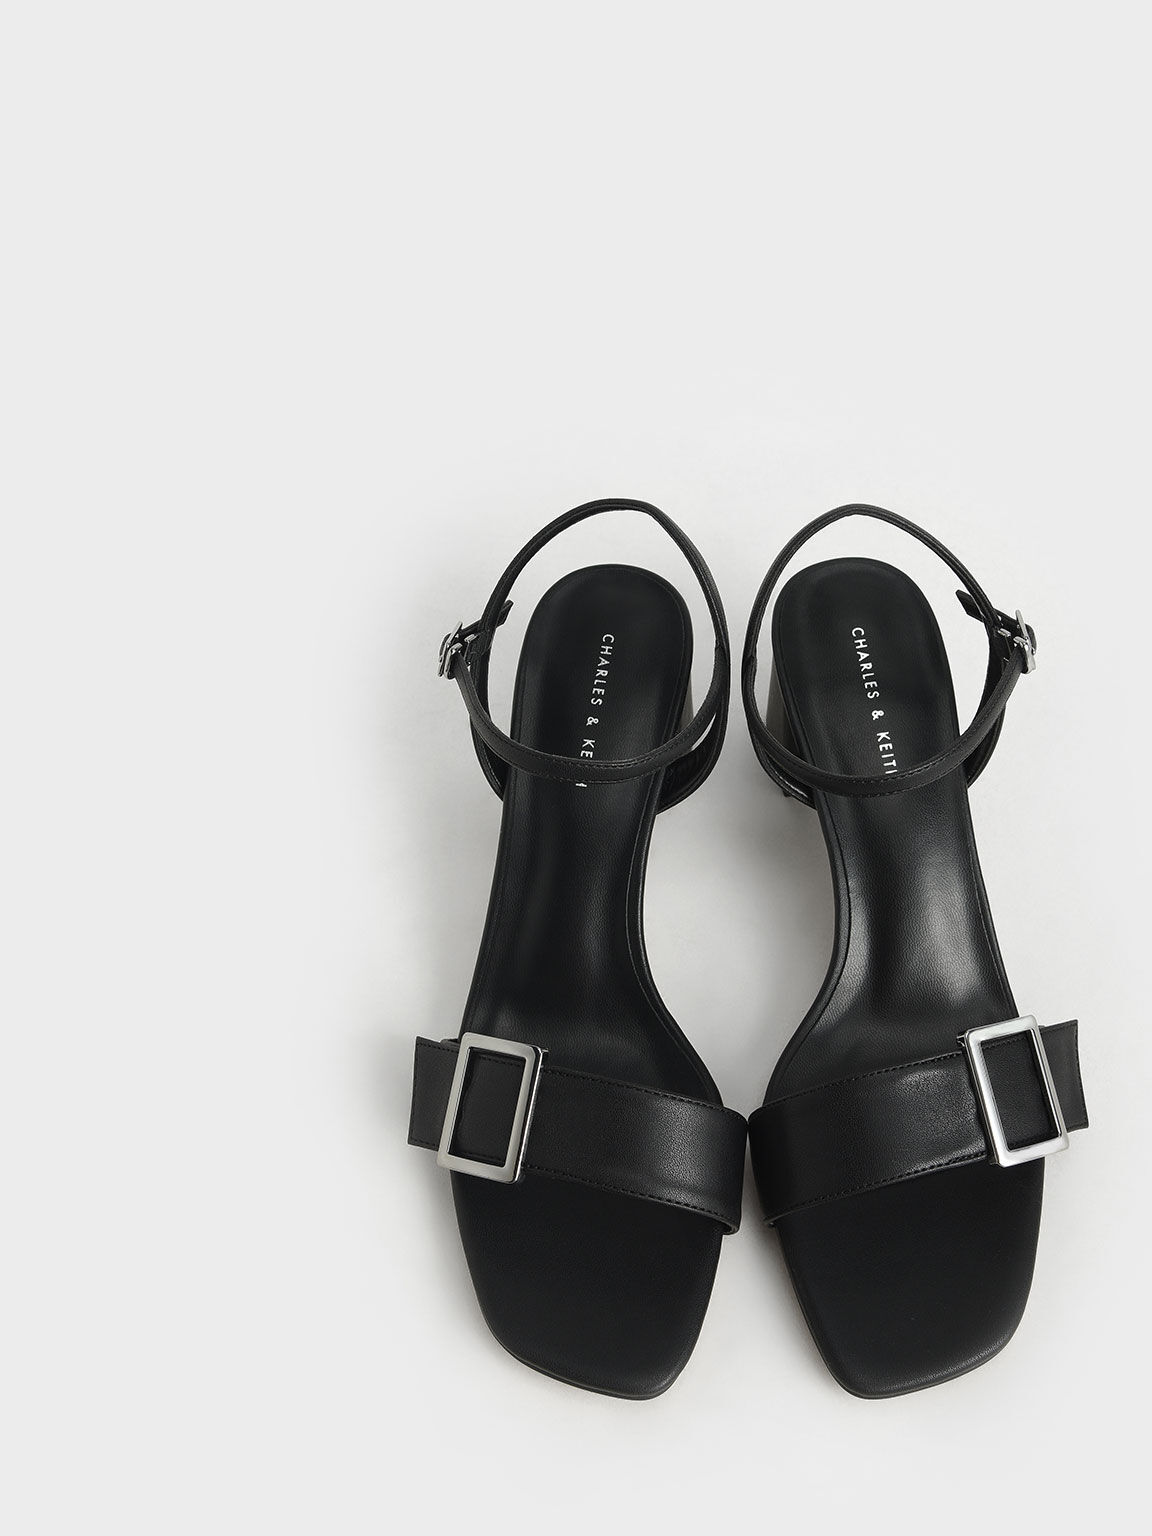 Buckle Strap Sandals, Black, hi-res